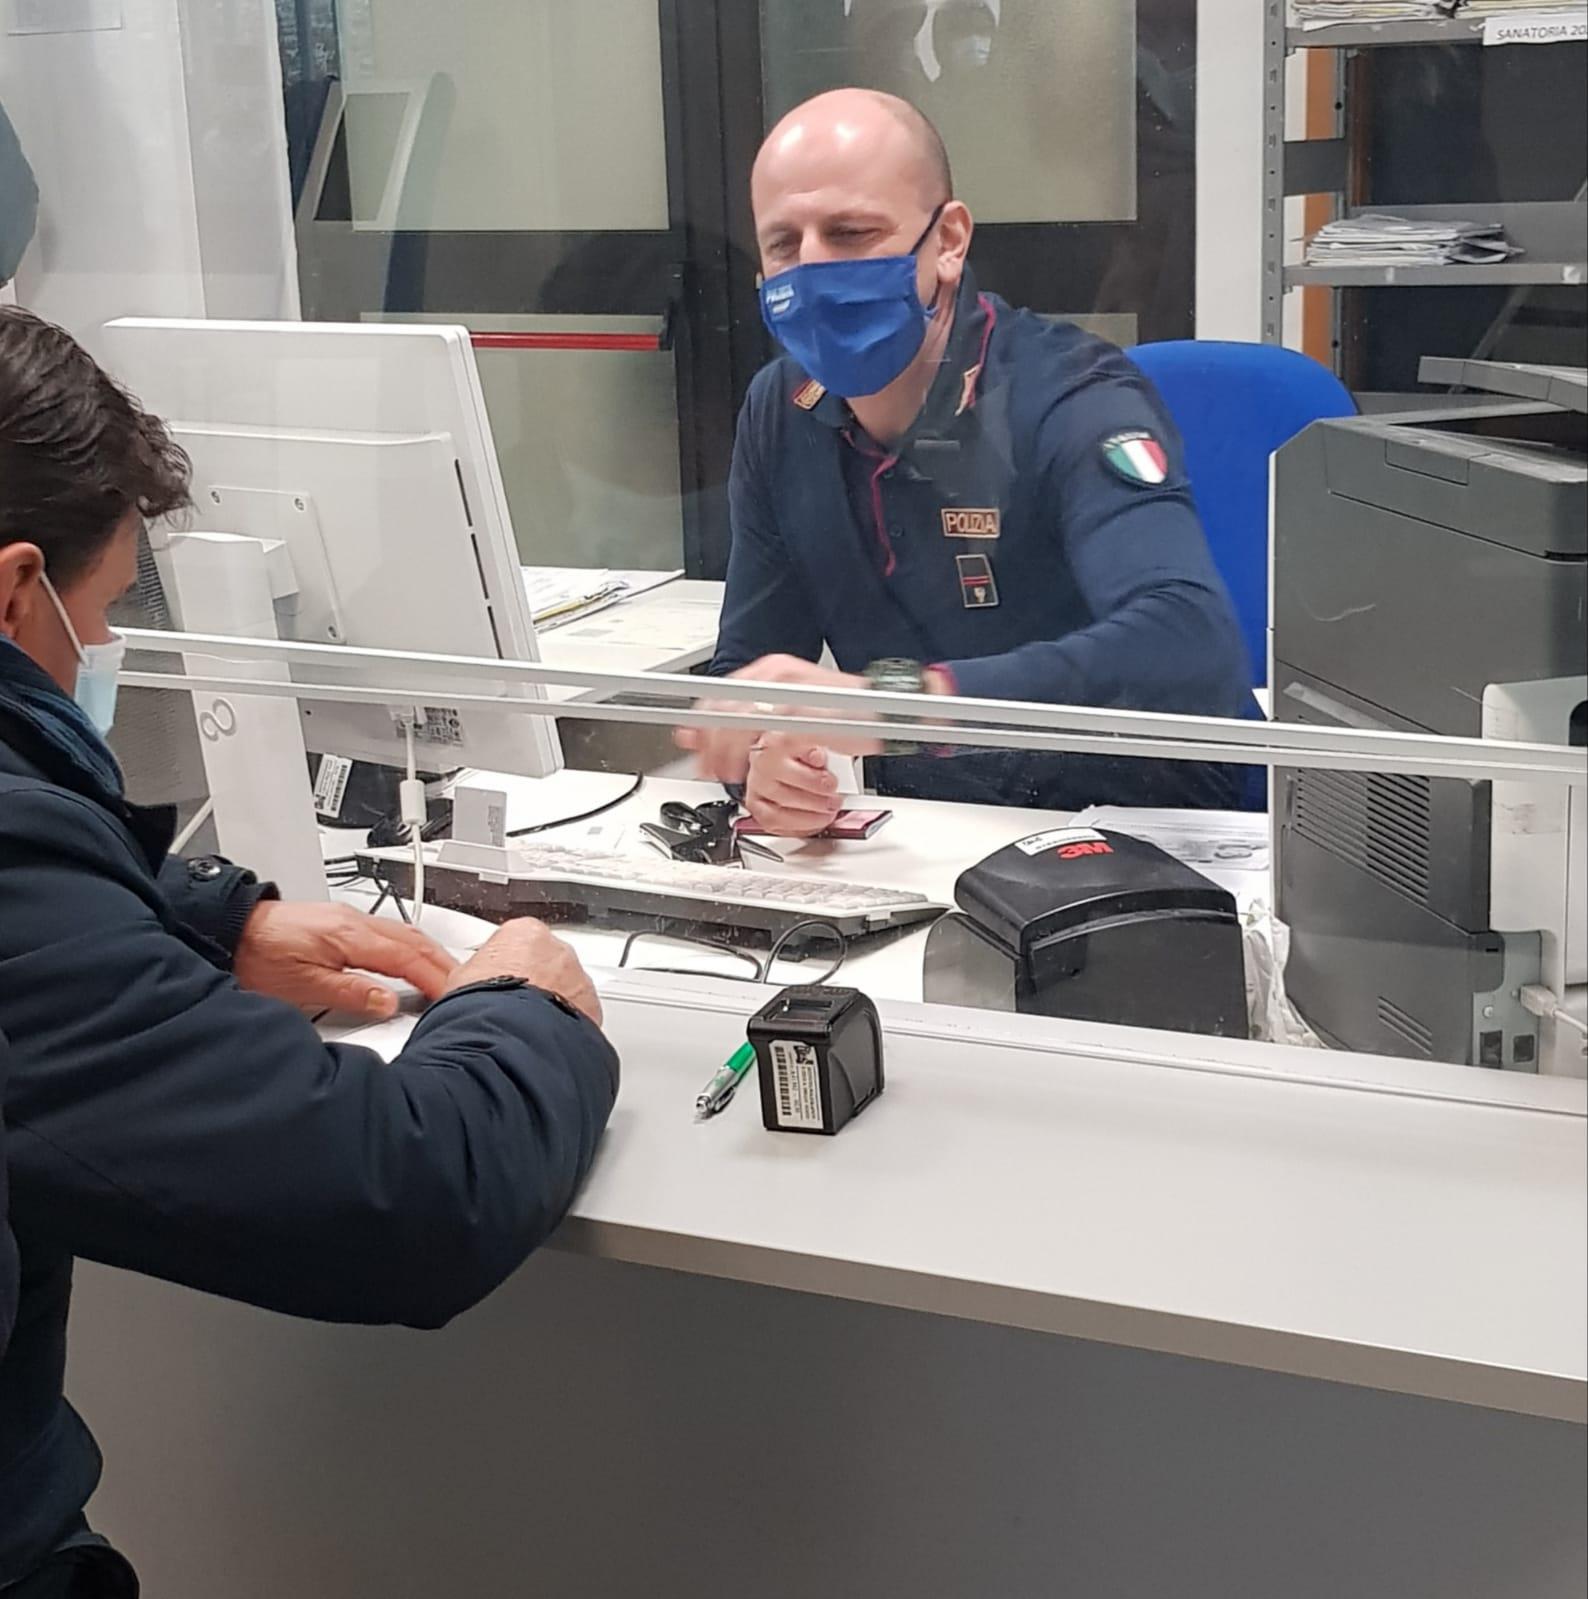 Si Presenta In Questura Per Il Rilascio Del Permesso Di Soggiorno Con Un Passaporto Falso Arrestato